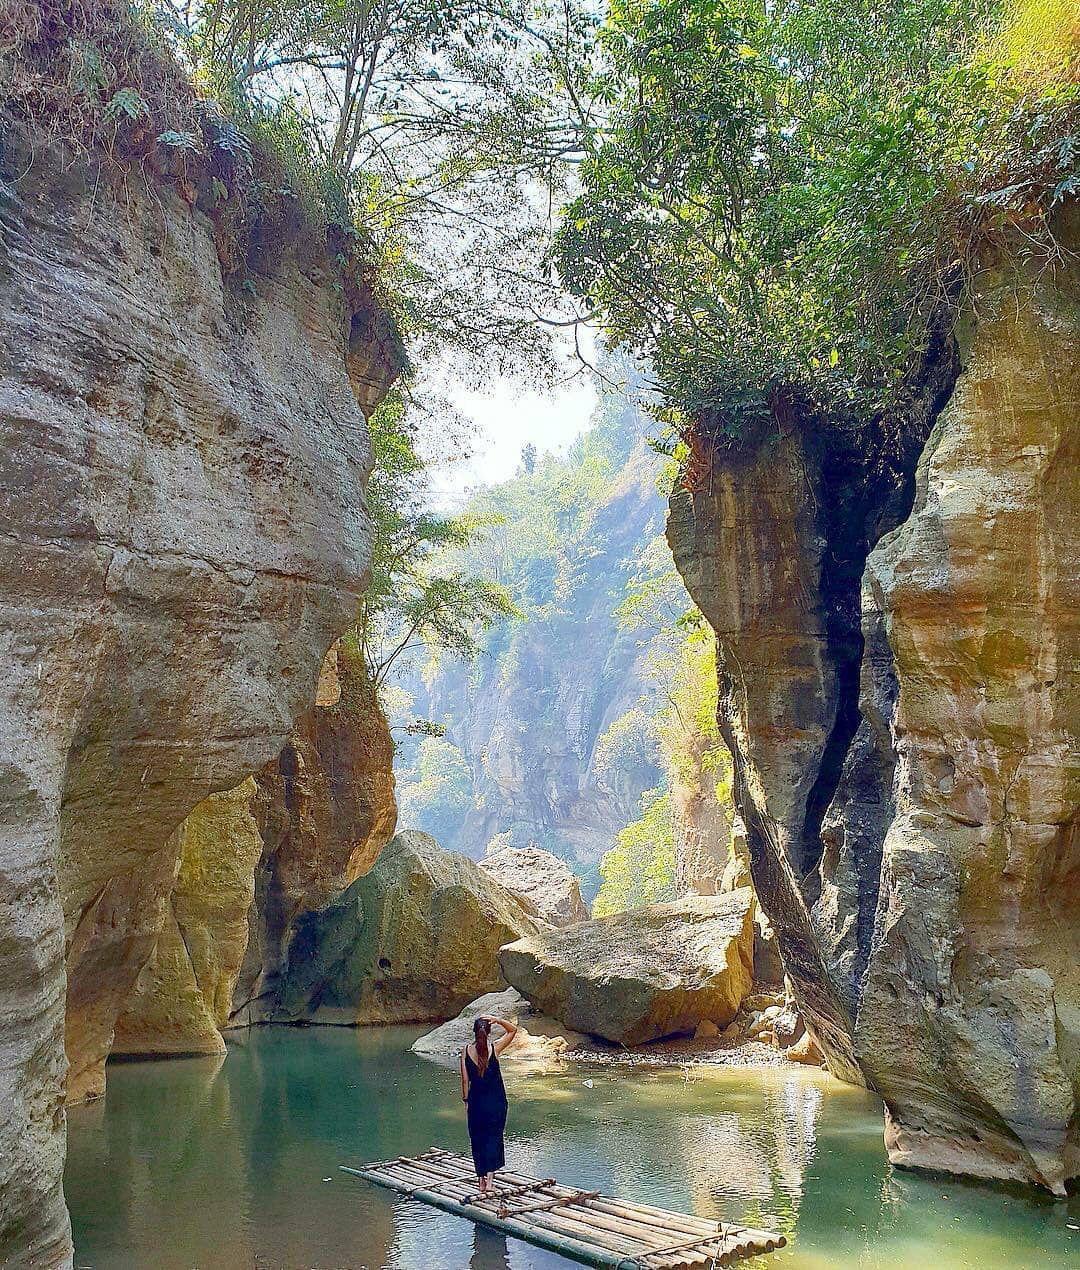 Rekomendasi Tempat Wisata Alam Bandung, Jawa Barat - Green ...